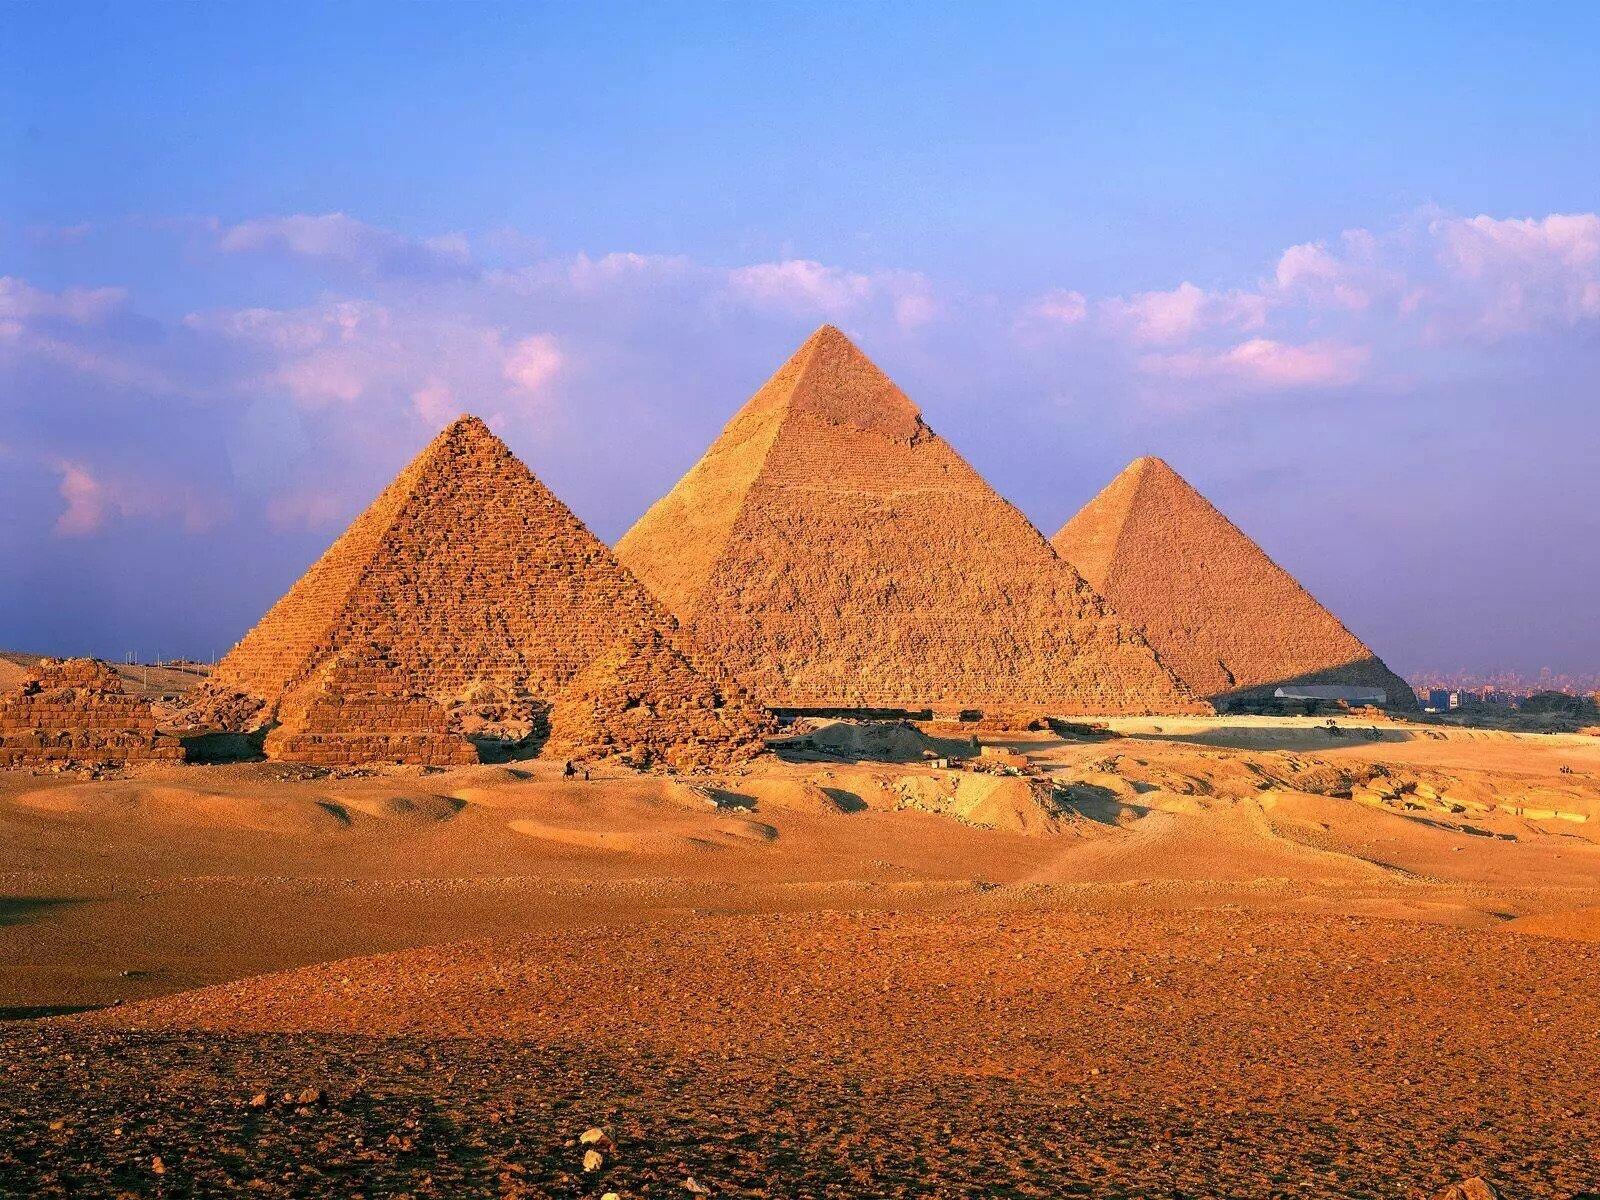 Египет привлекает туристов не только дешевыми турами, но и стабильной погодой и отсутствием дождей